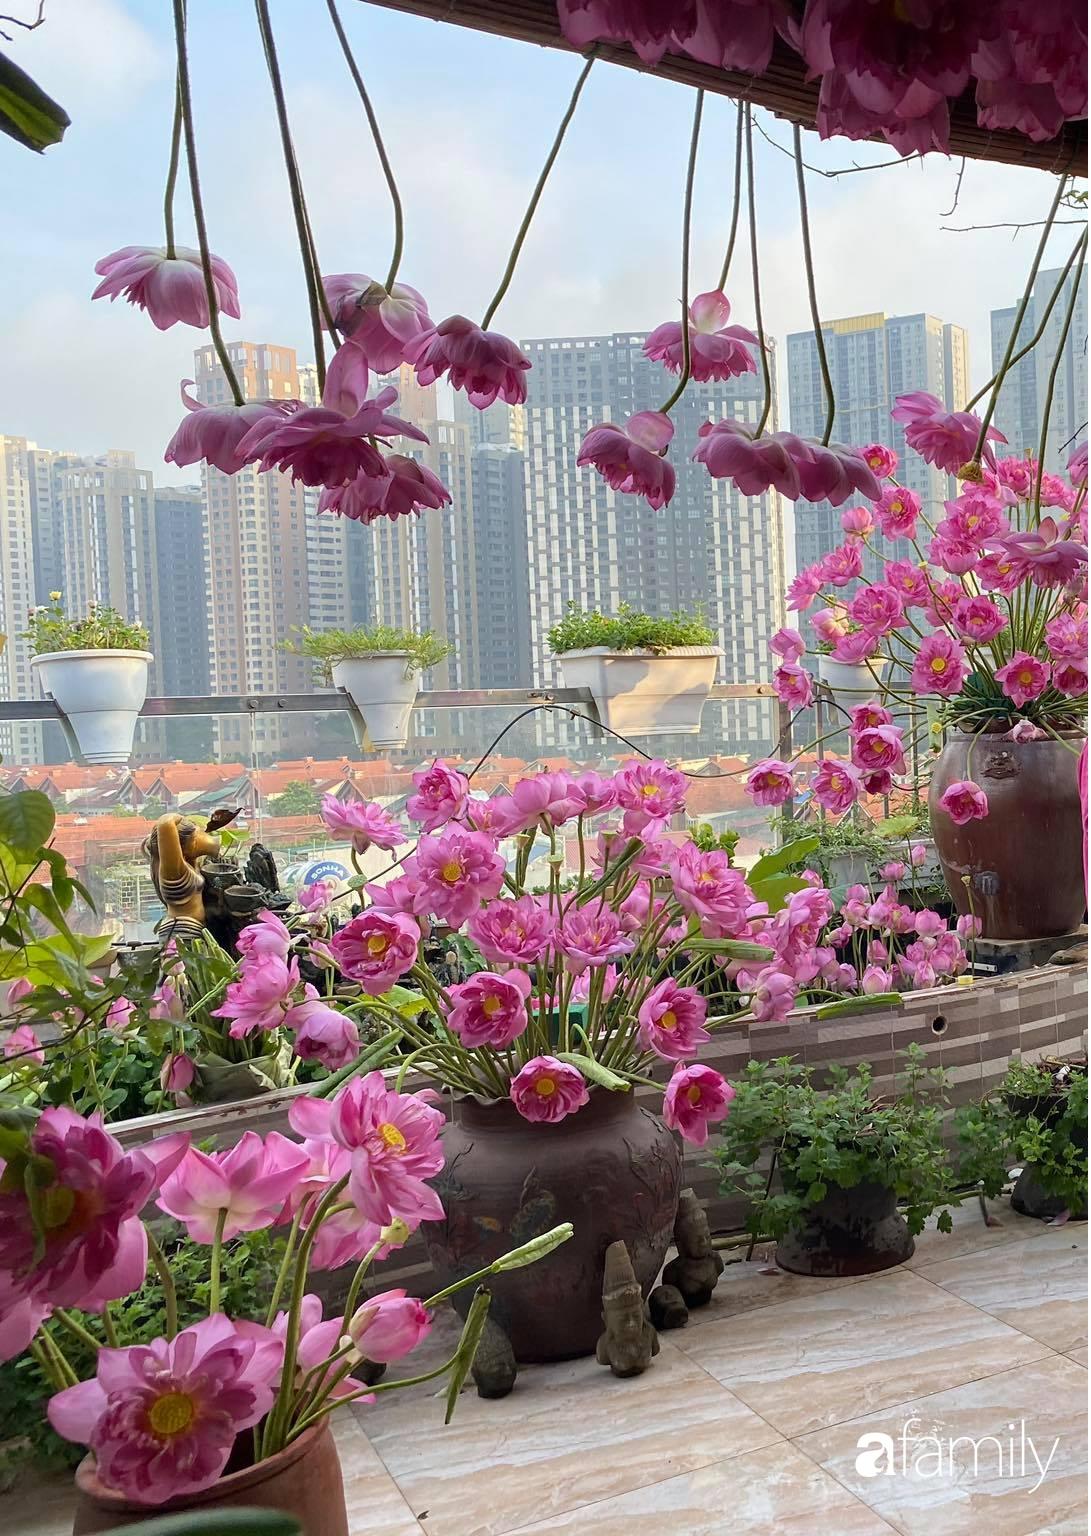 Bà mẹ Hà Nội tỉ mẩn dành 4 tiếng để tự cắm 1000 bông sen mang sắc màu mùa hạ lên sân thượng 200m² - Ảnh 9.